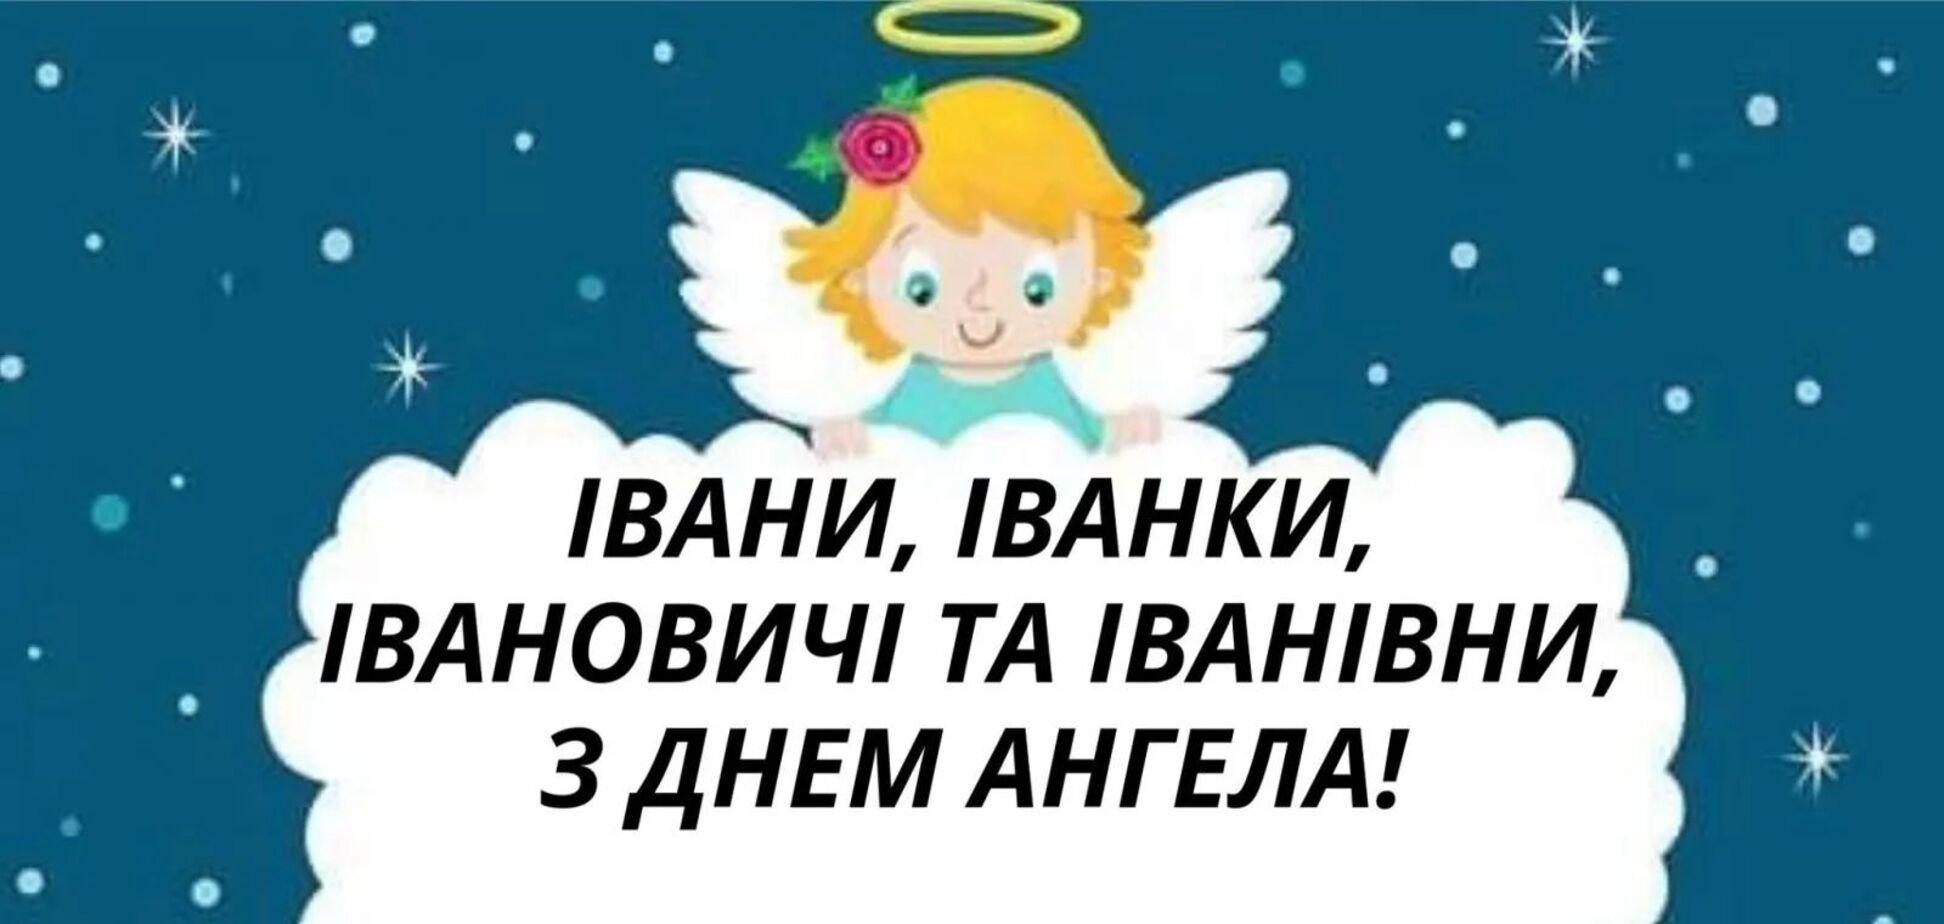 день ангела Ивана и Иванны